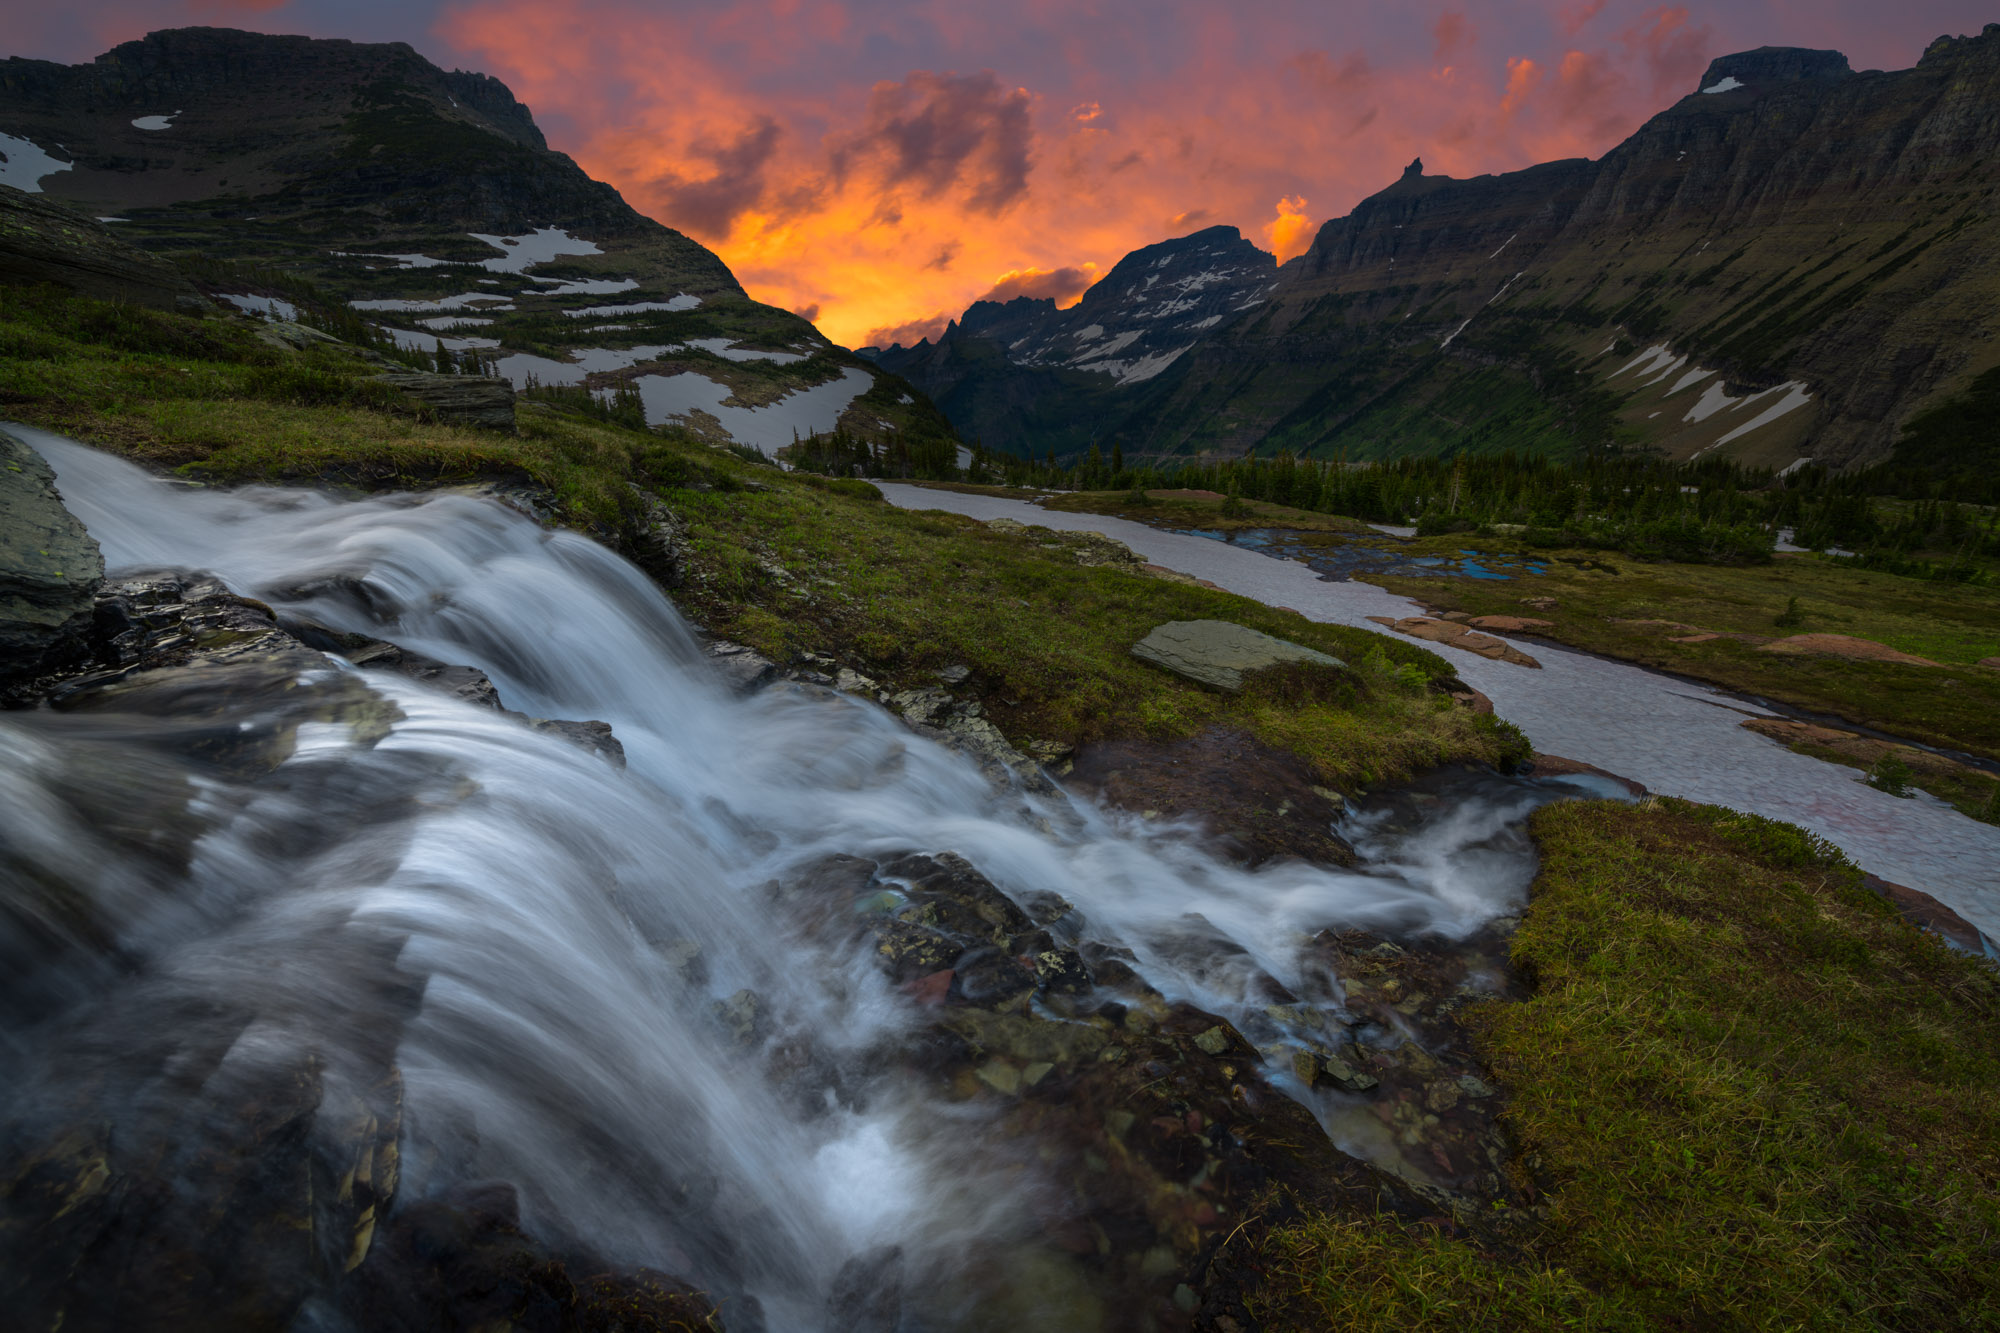 GlacierNP.WorkshopSummer-26.jpg